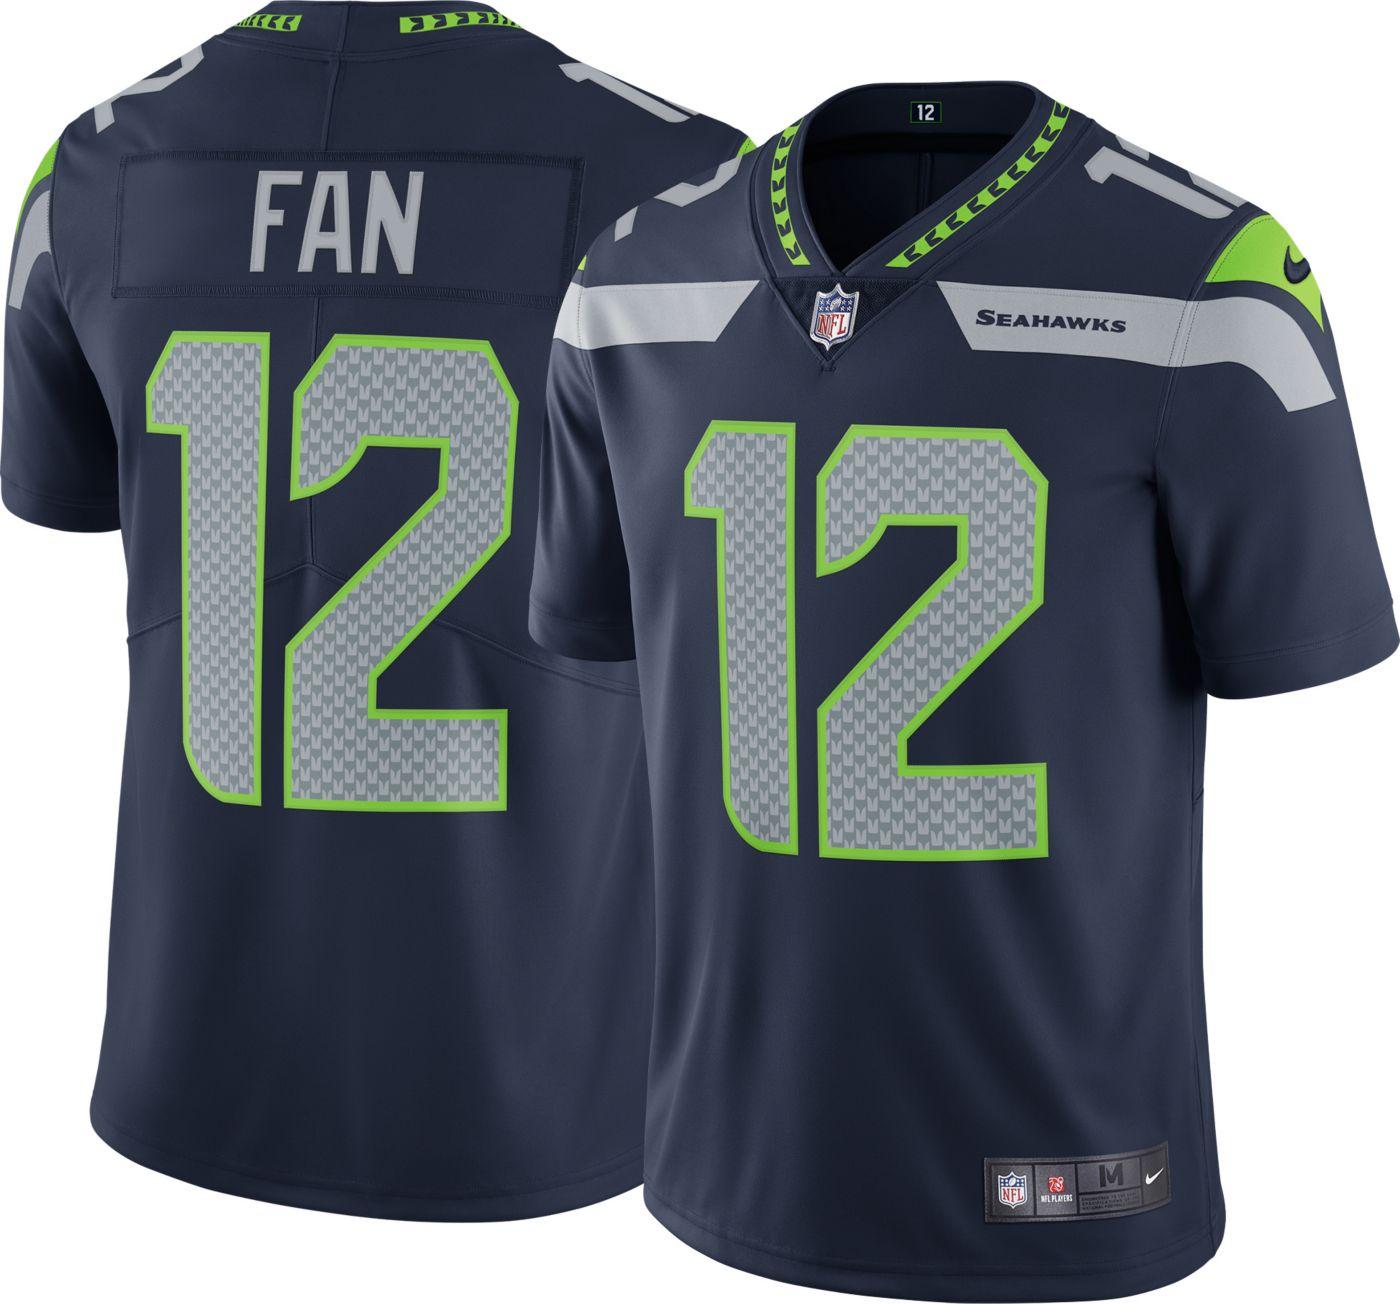 Nike Men's Home Limited Jersey Seattle Seahawks Fan #12